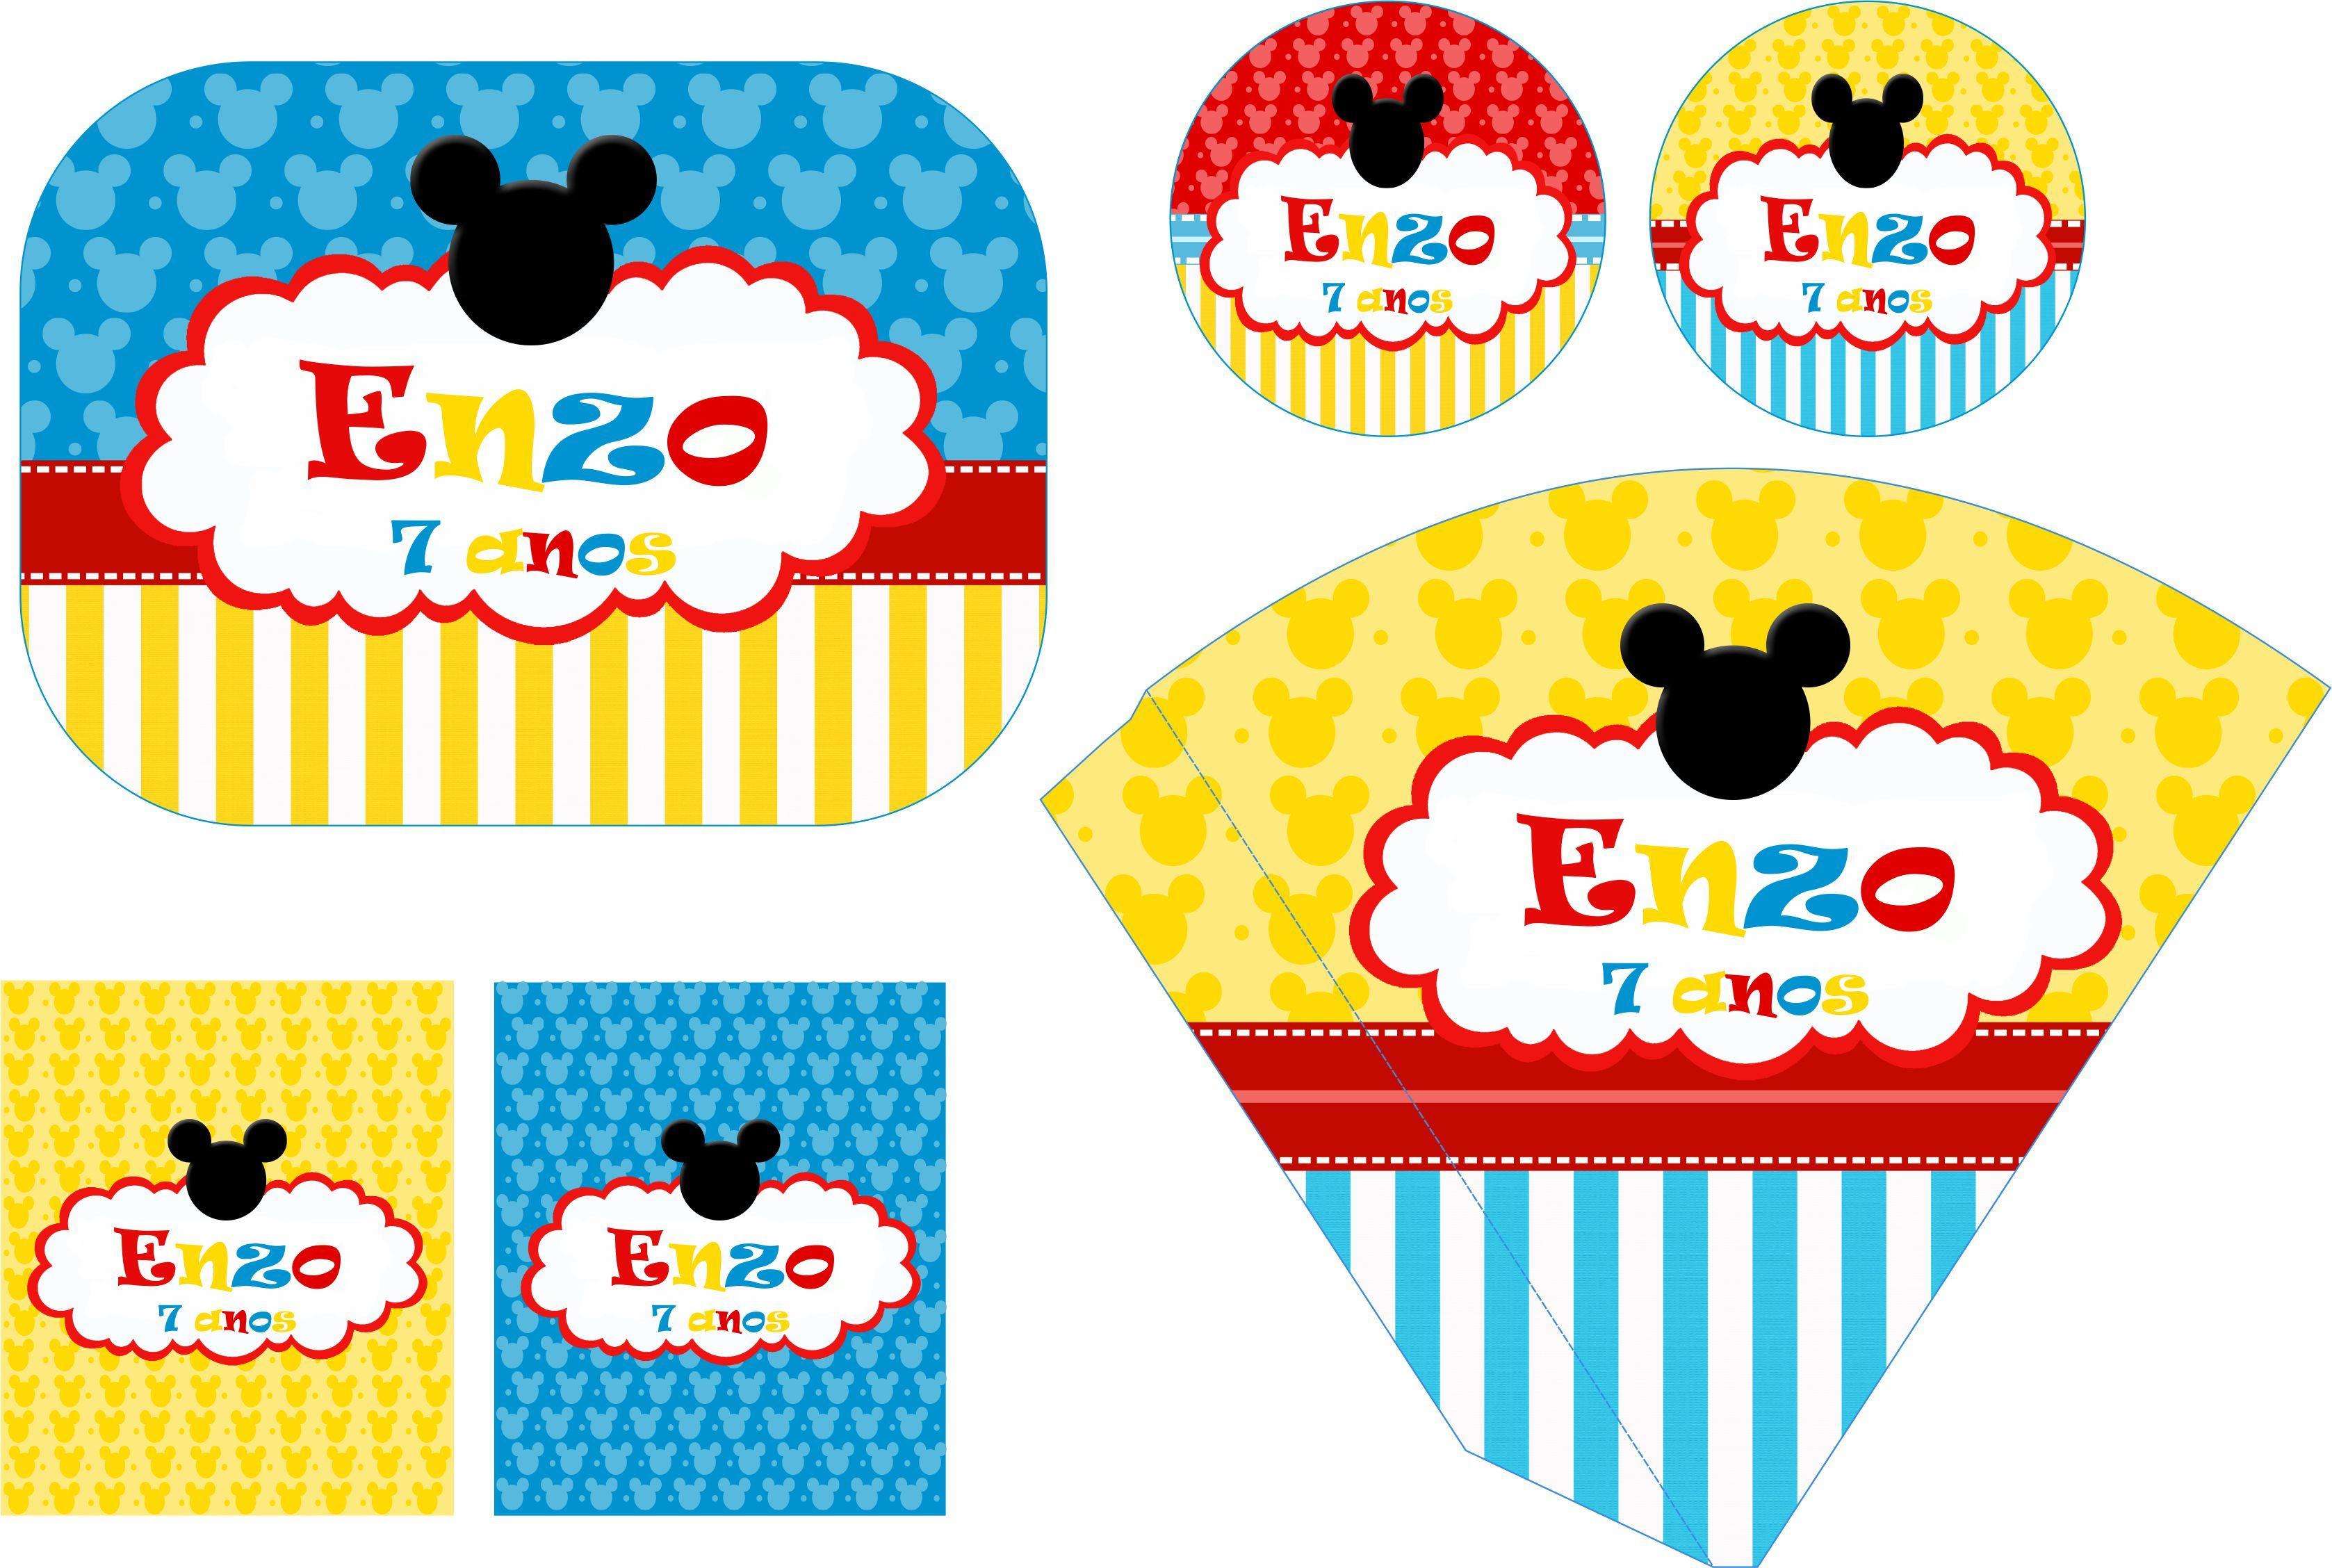 Kit Festa Personalizada Mickey Ii No Elo7 Festa Personalizada Da